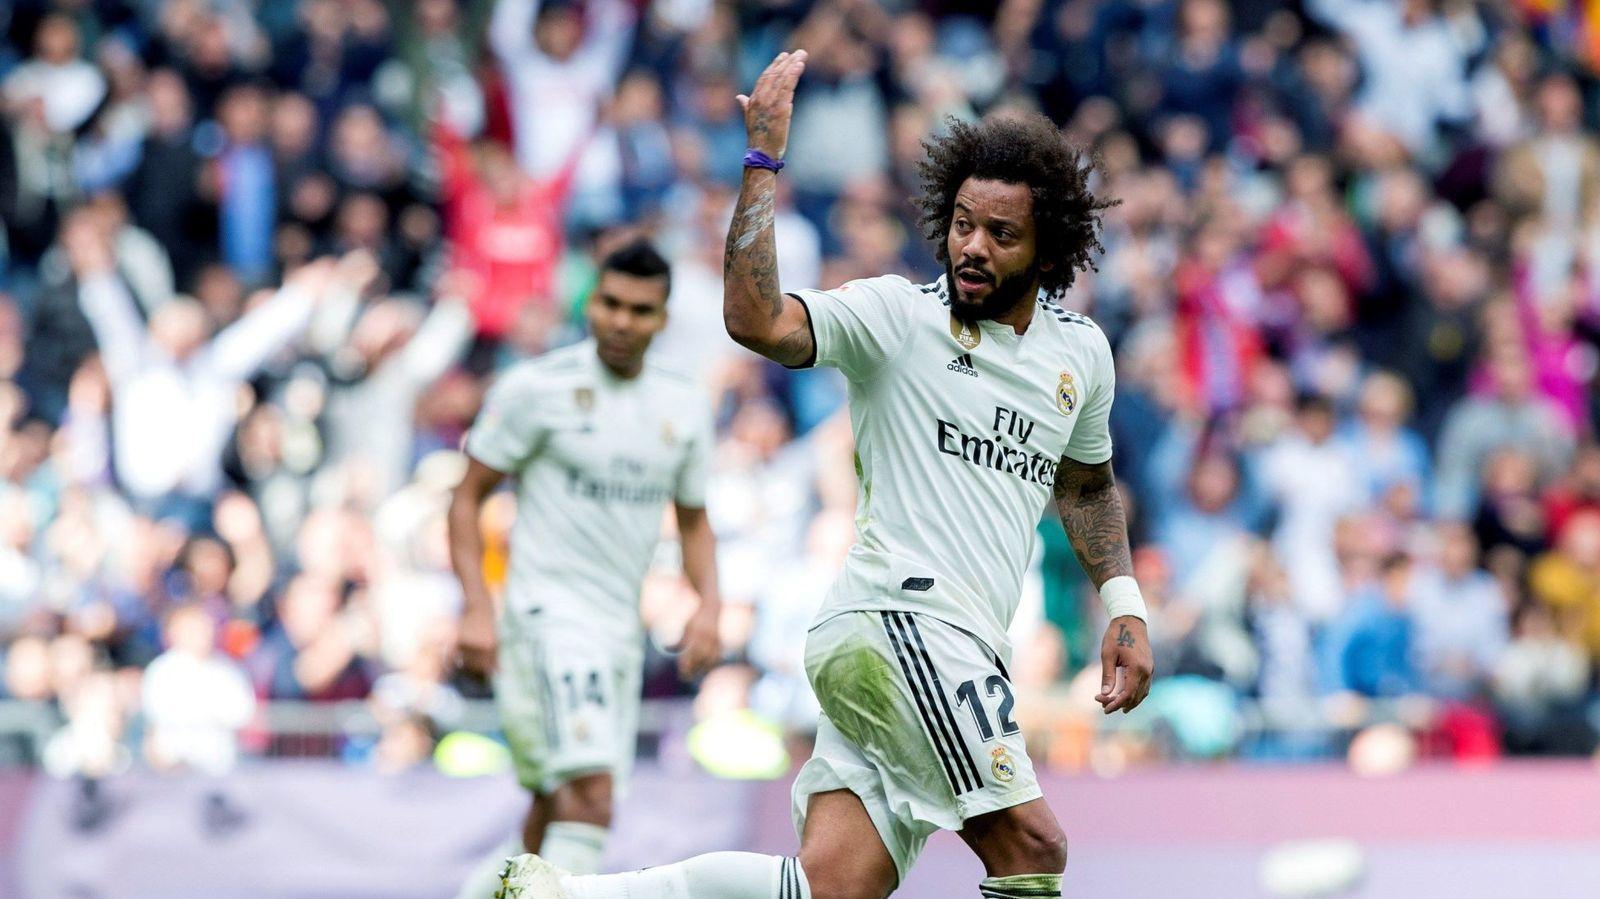 Partido De Futbol Celta Vigo Real Madrid En Vivo